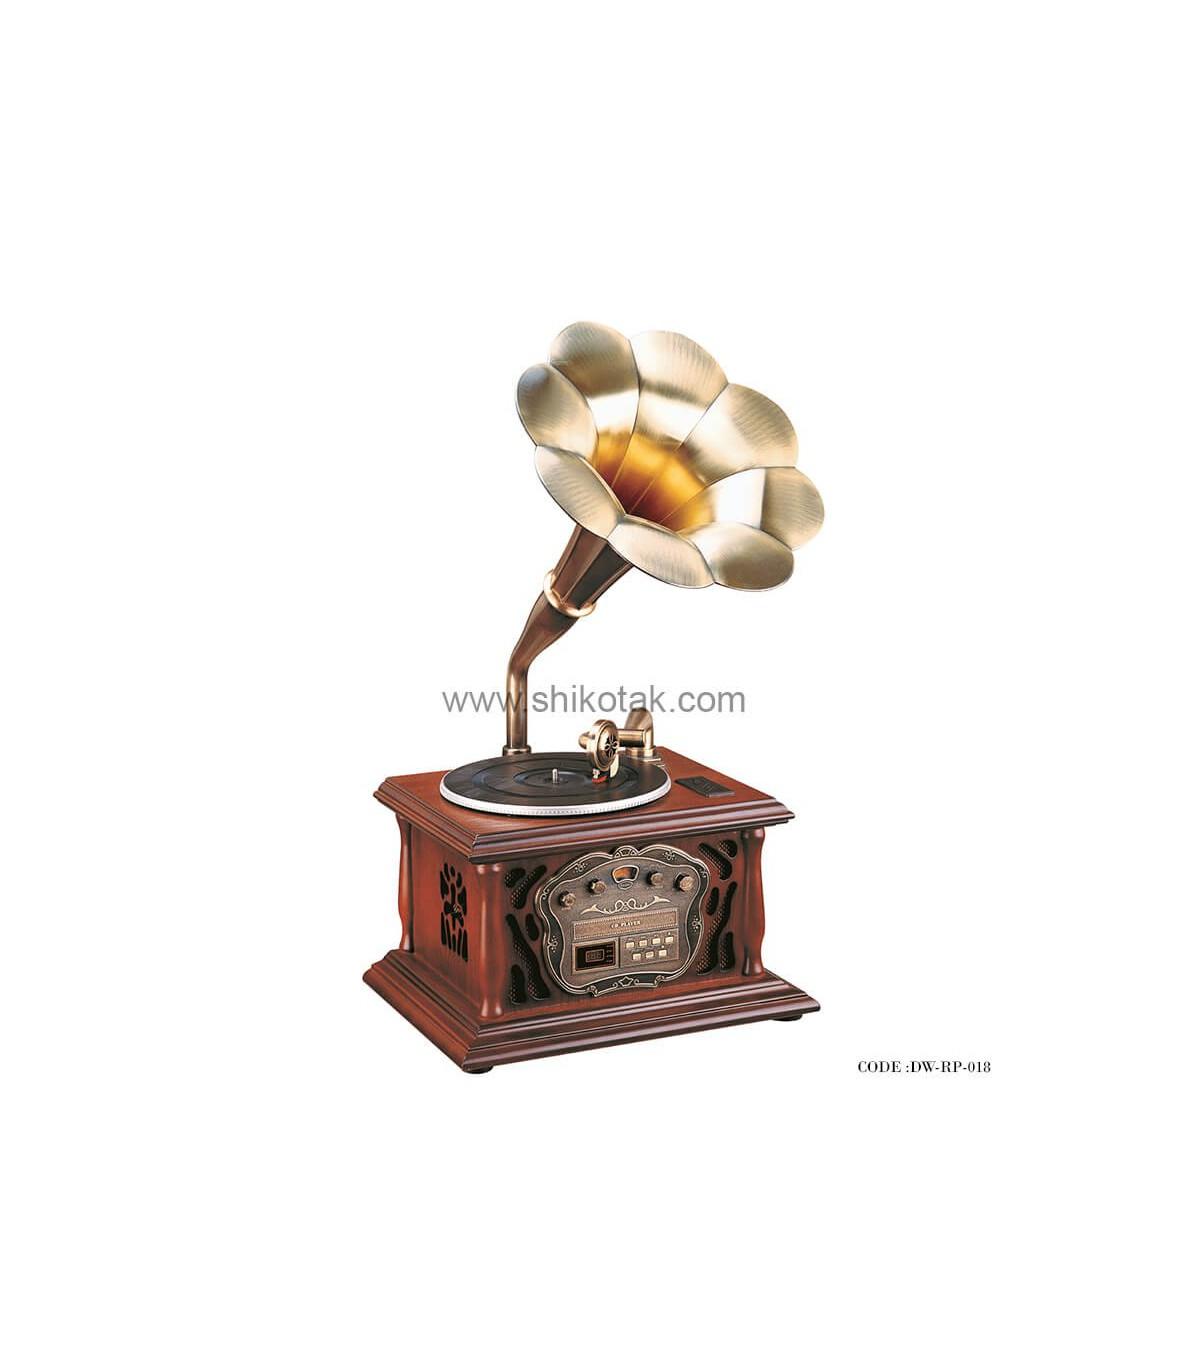 گرامافون رومیزی مدل ماکان قهوه ای روشن